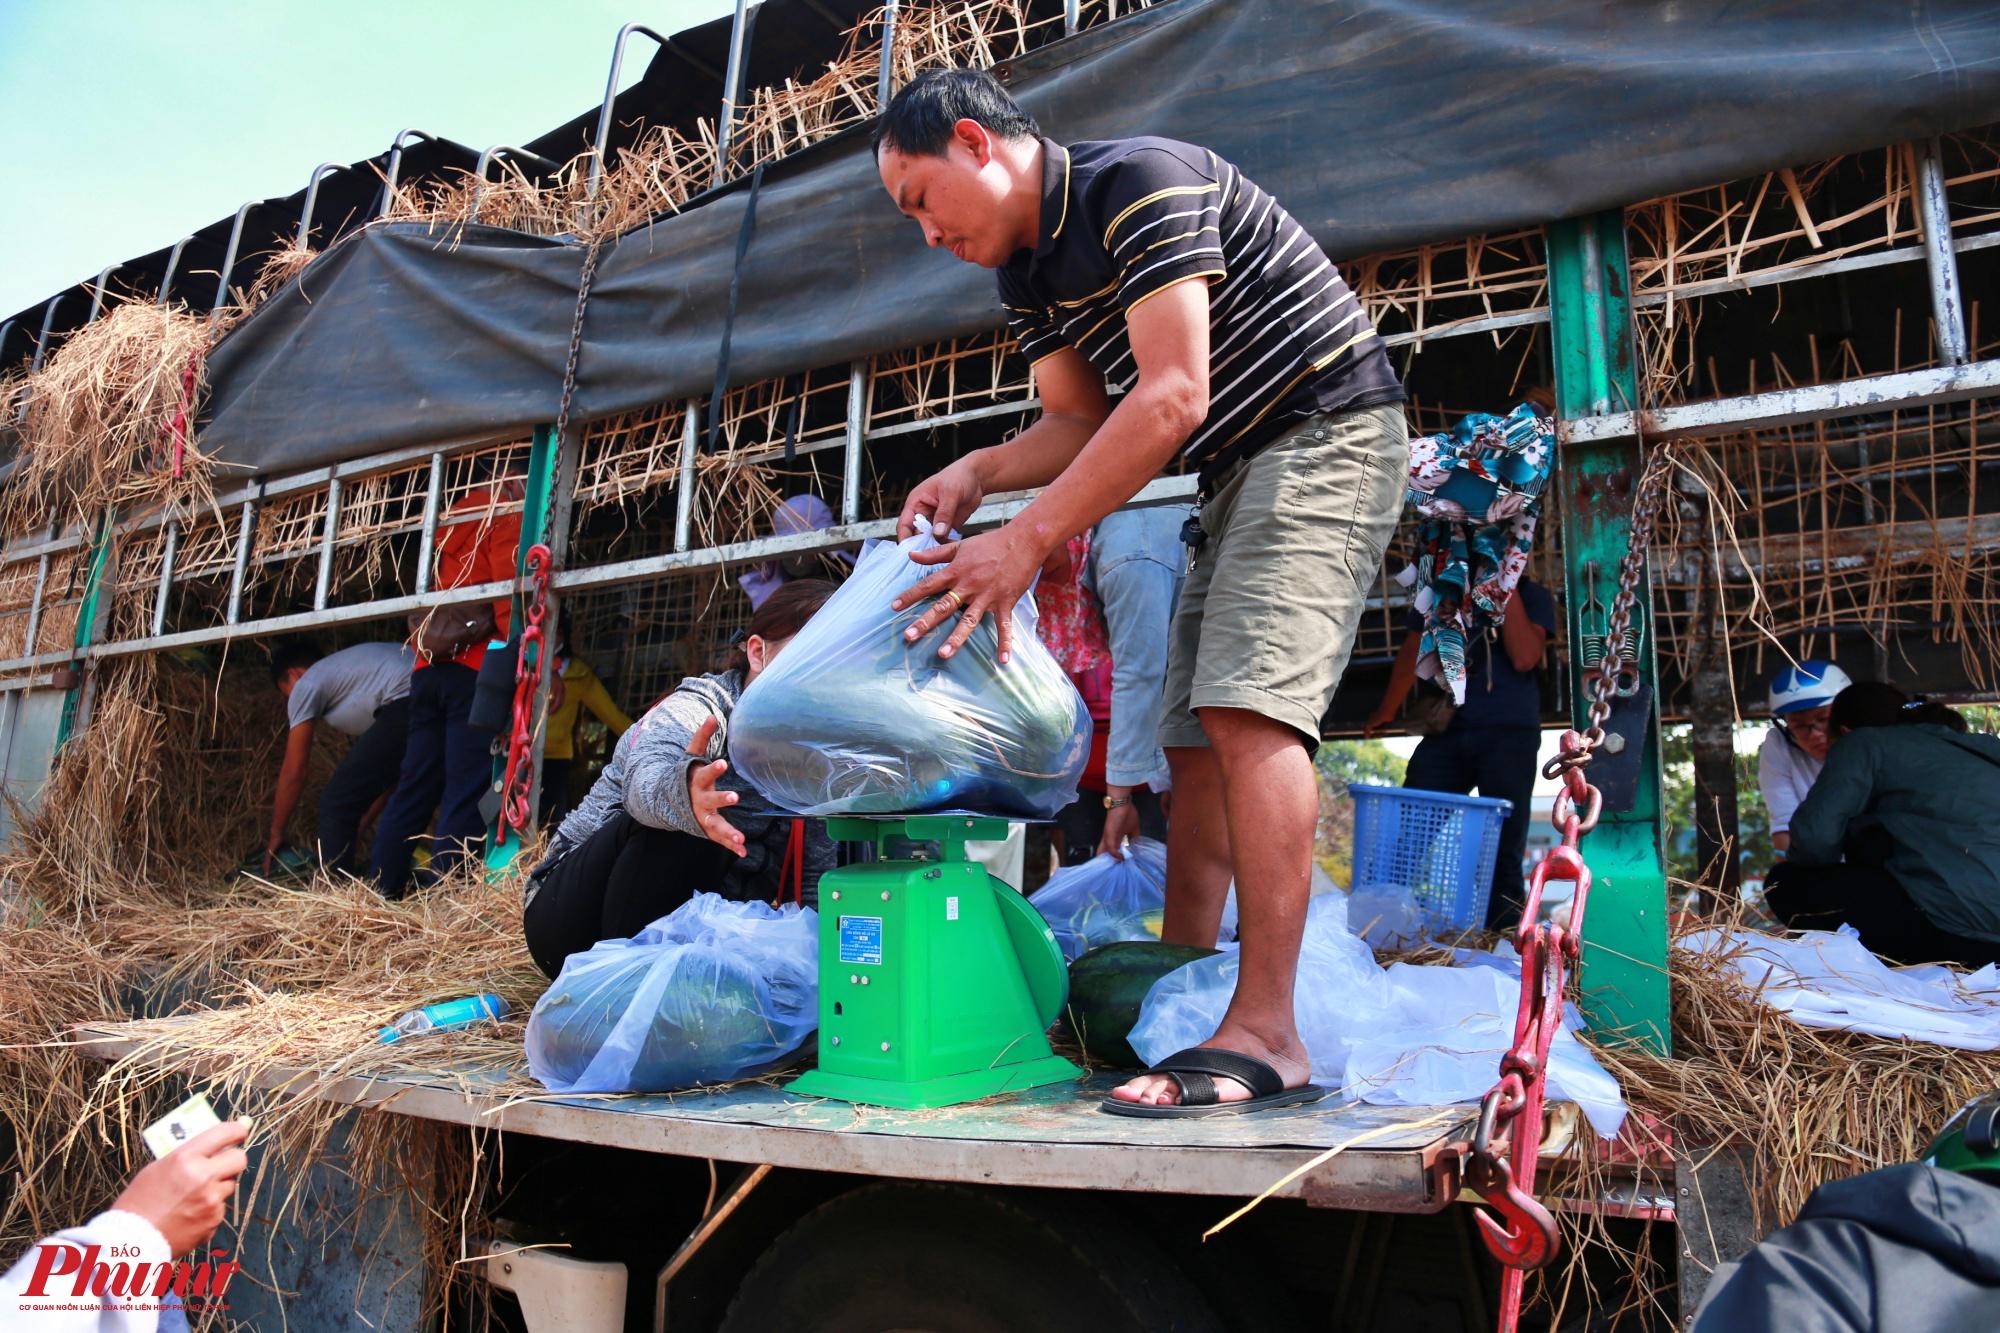 Theo chủ xe tải đậu bán ở đây cho biết, hiện số dưa trên Gia Lai còn rất nhiều, lên đến hàng ngàn tấn. Có nhà vườn còn tồn tại hơn 100 tấn dưa do không thể xuất qua Trung Quốc được.